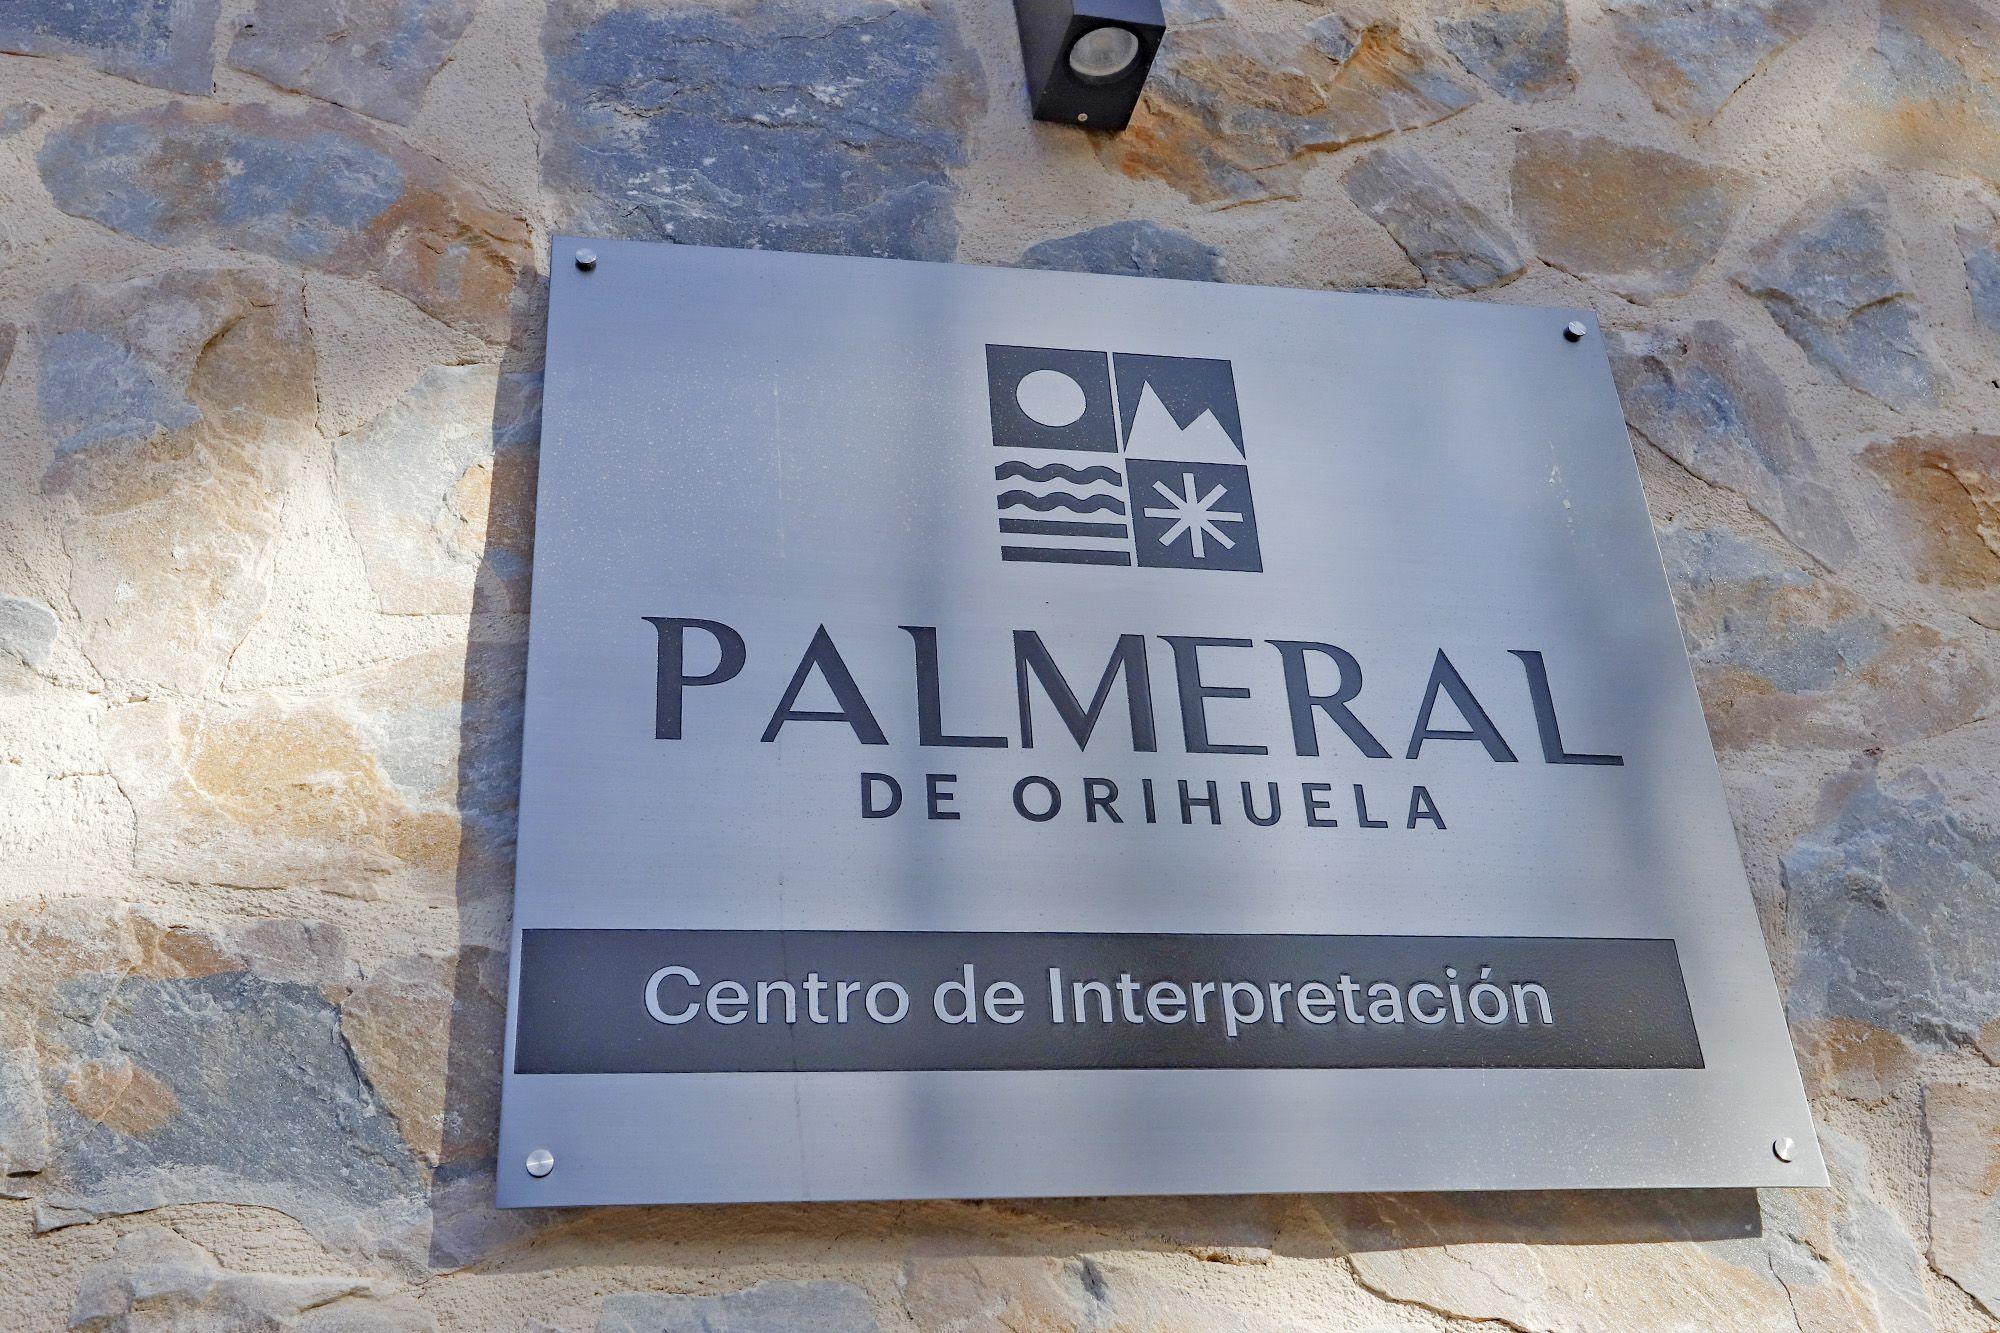 Orihuela da la bienvenida al centro de interpretación del Palmeral